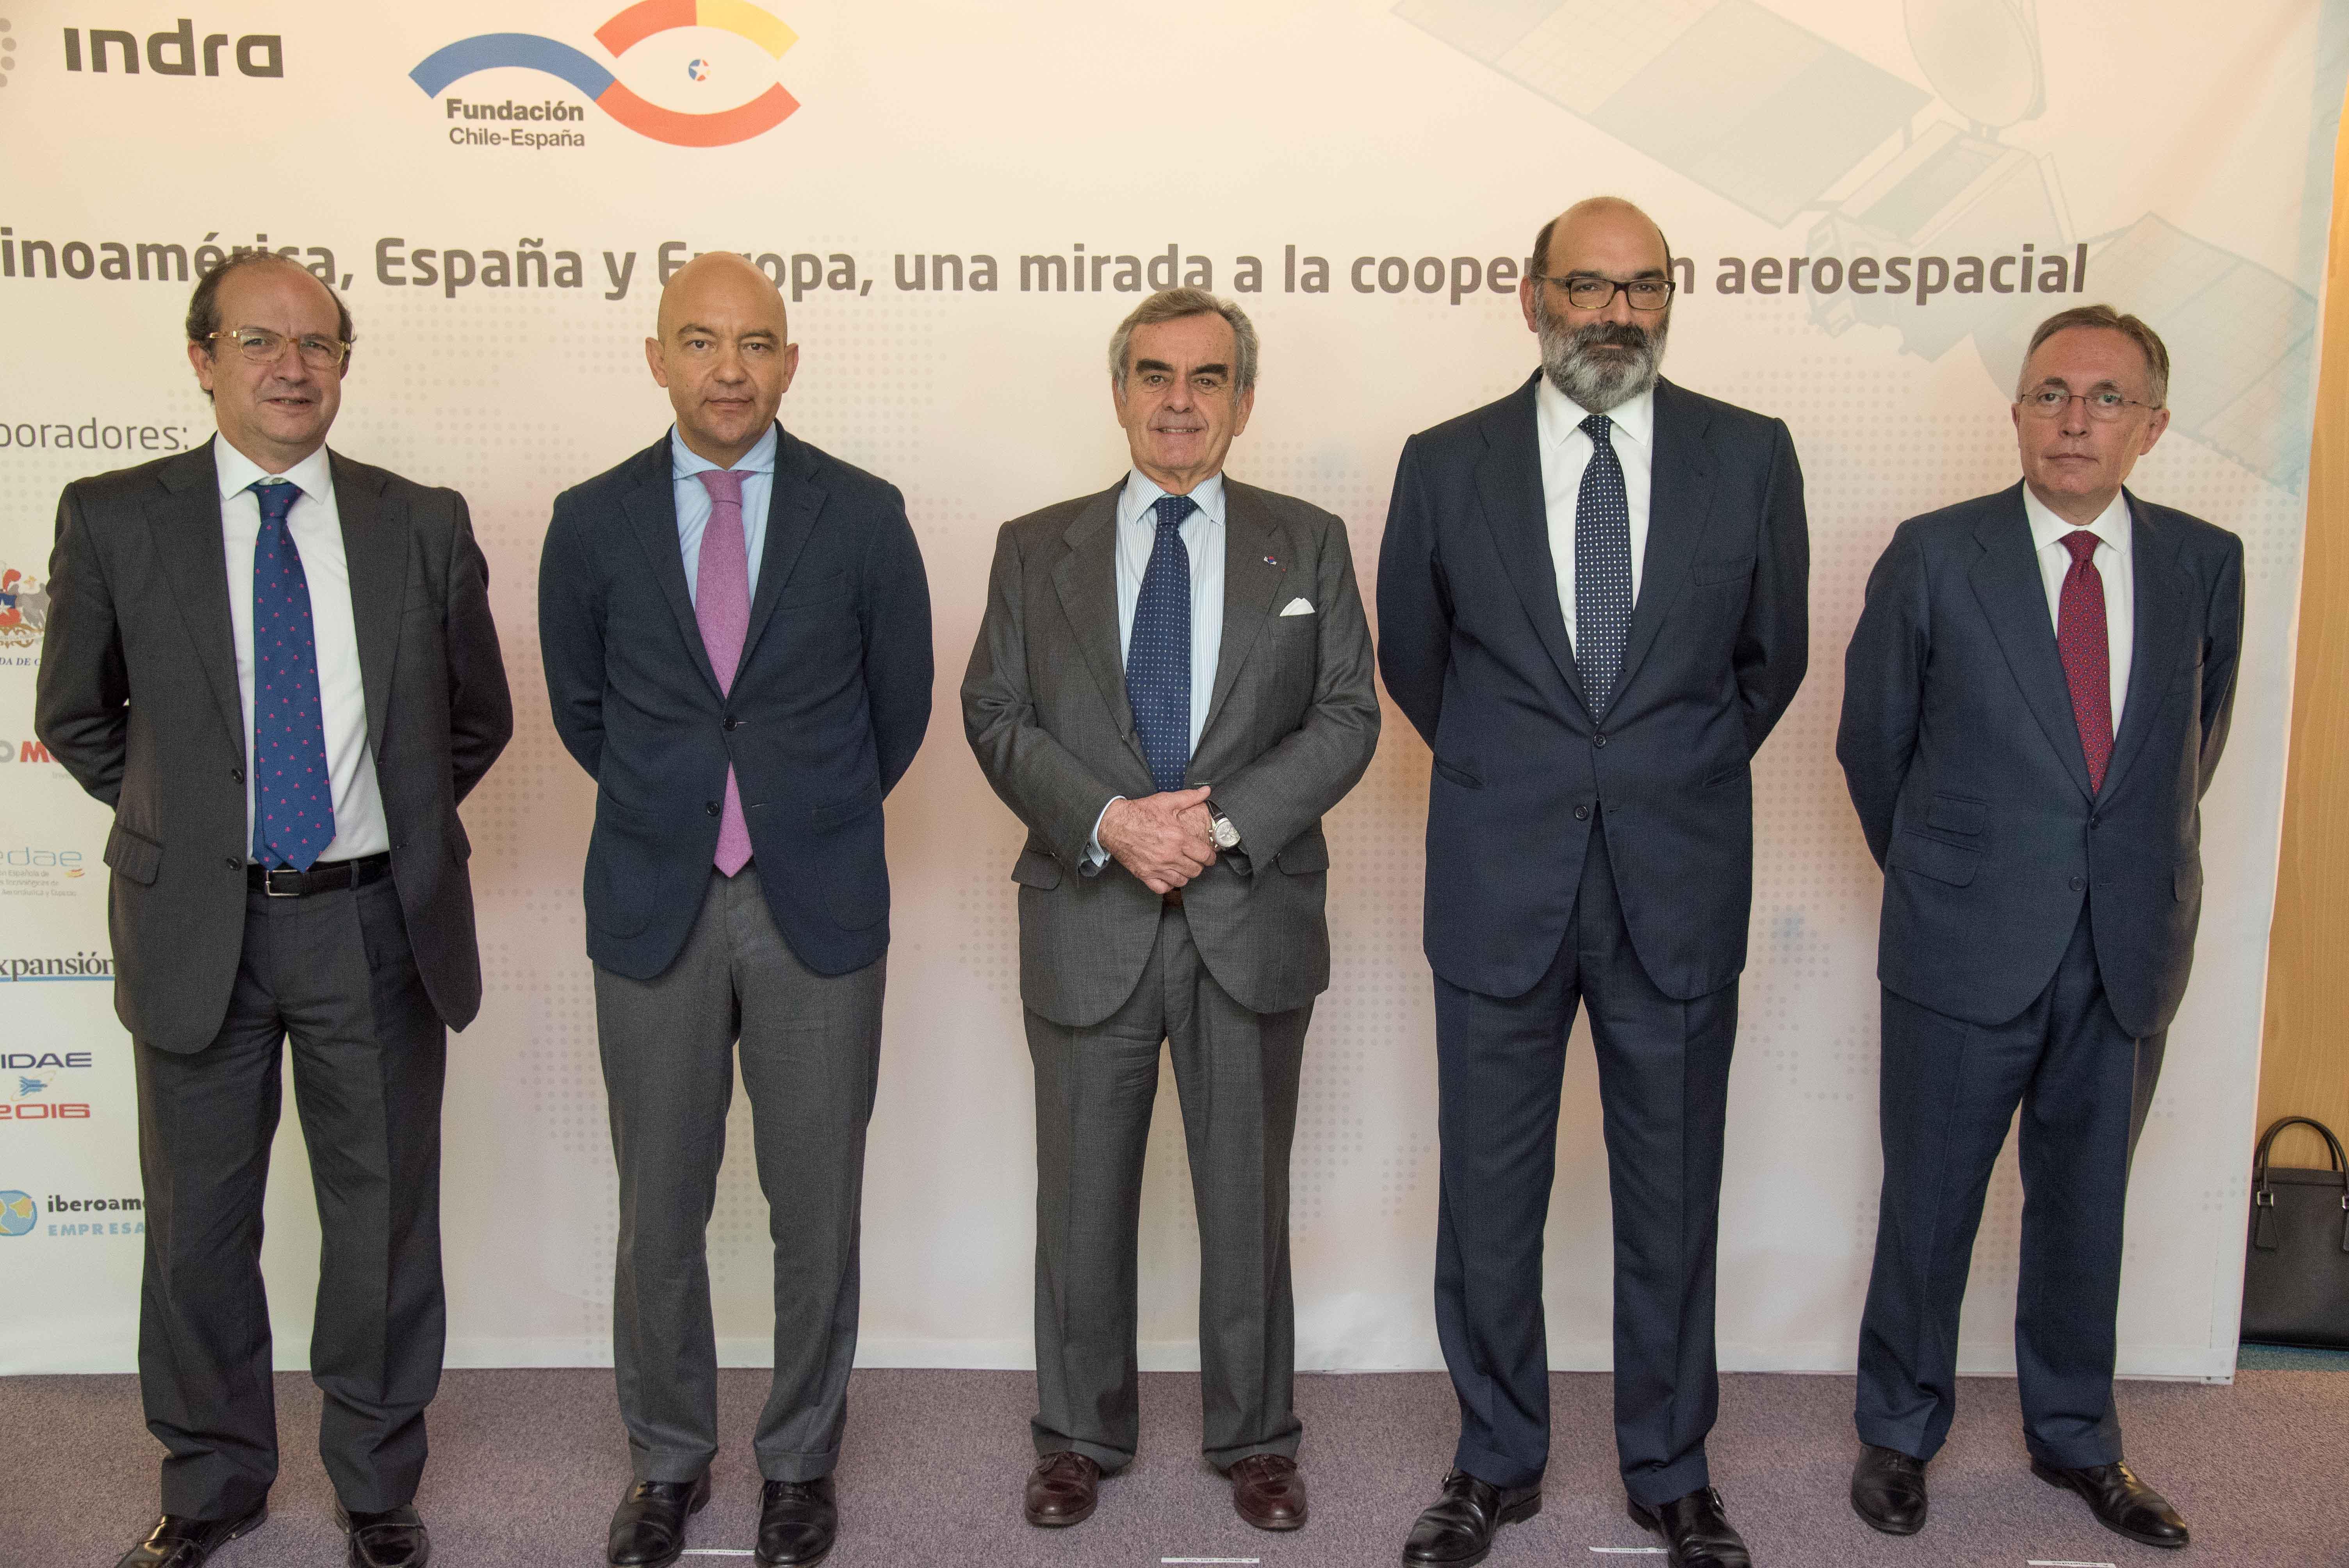 I Foro Latinoamérica España y Europa: una mirada a la cooperación aeroespacial